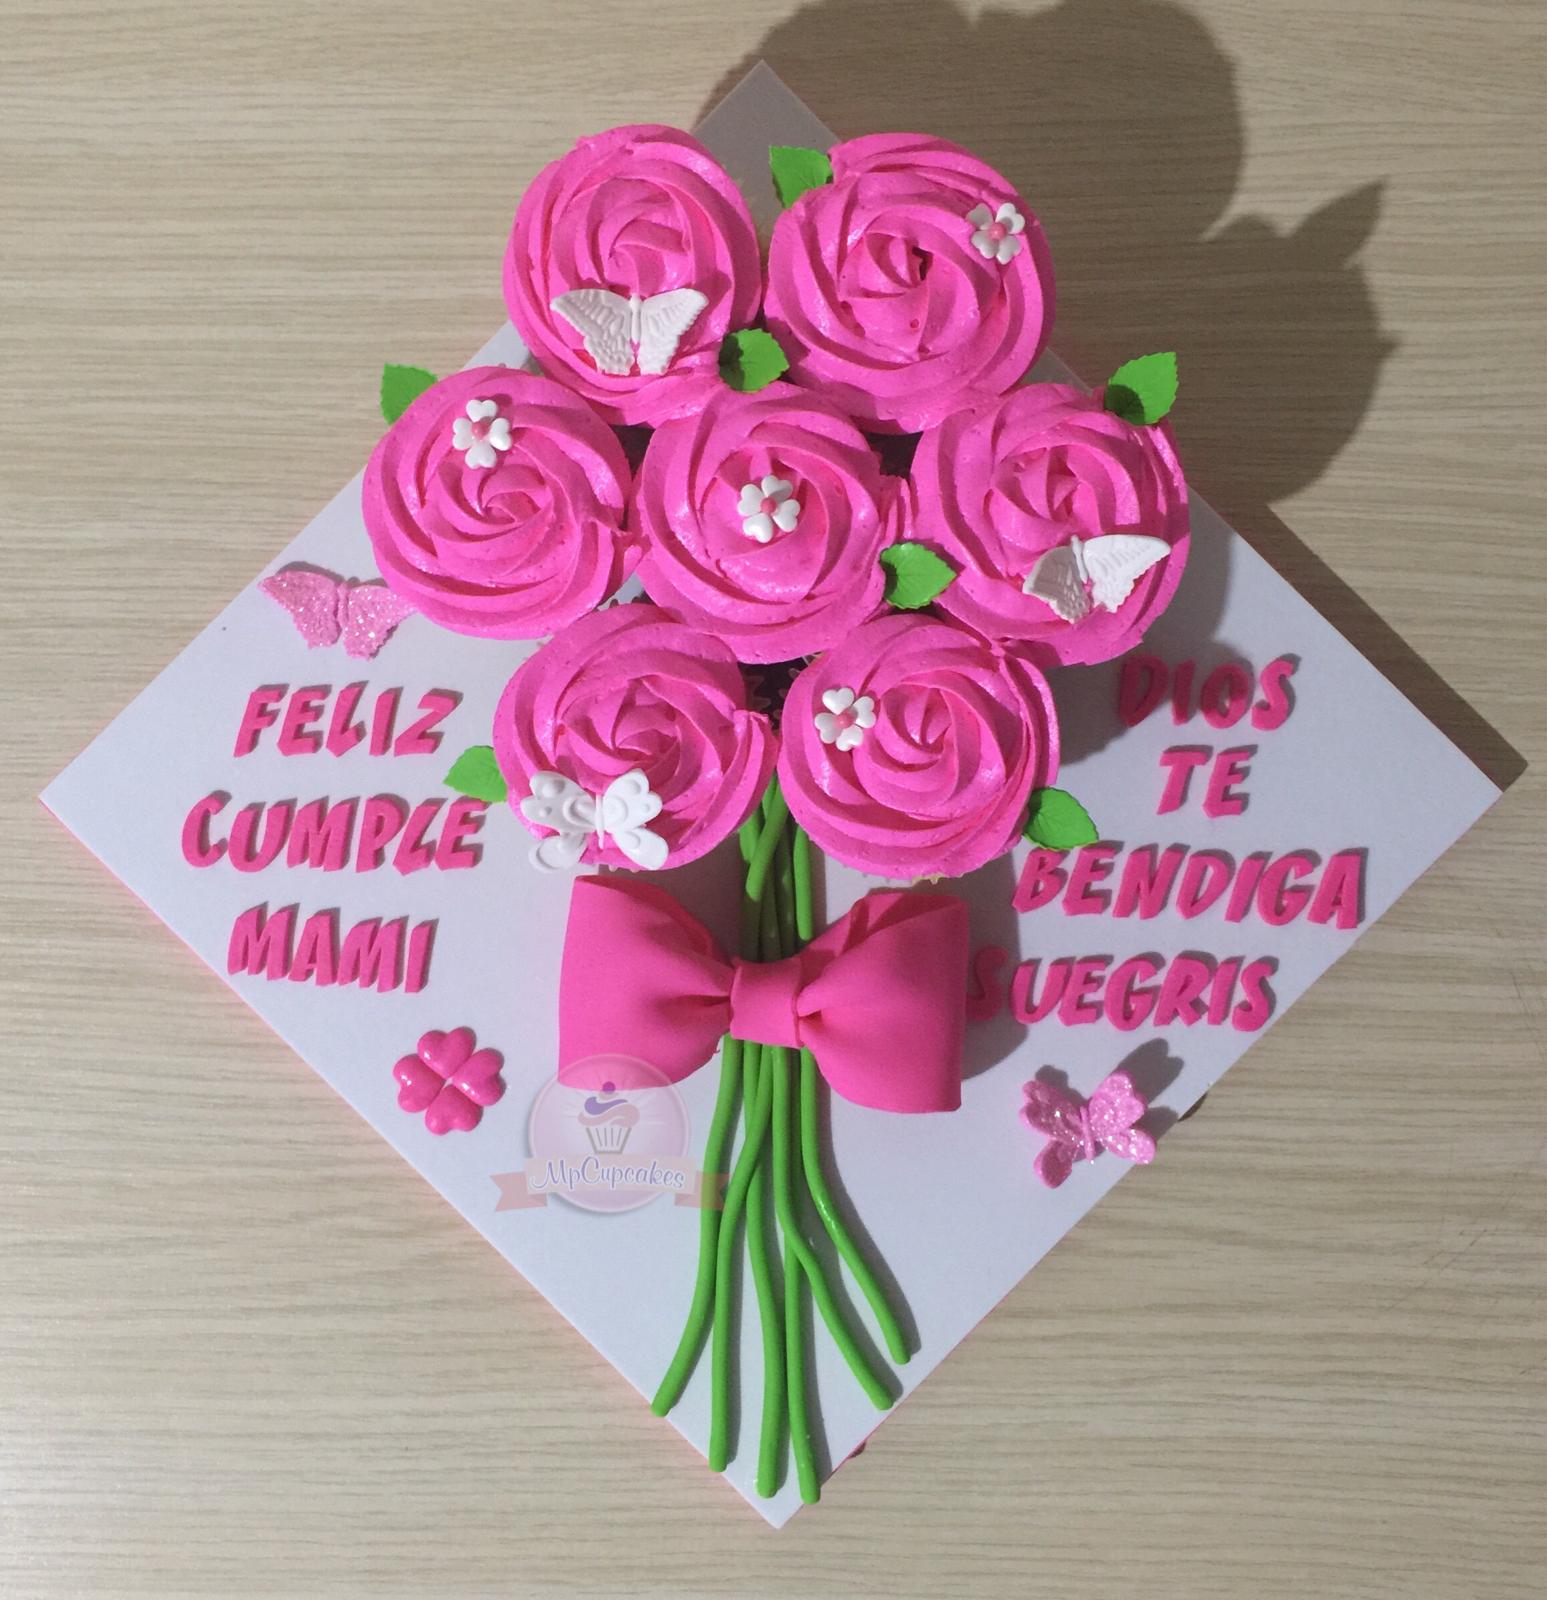 Cupcakes Dia De La Madre Cupcakes Cumpleanos Mama Cupcakes Rosas